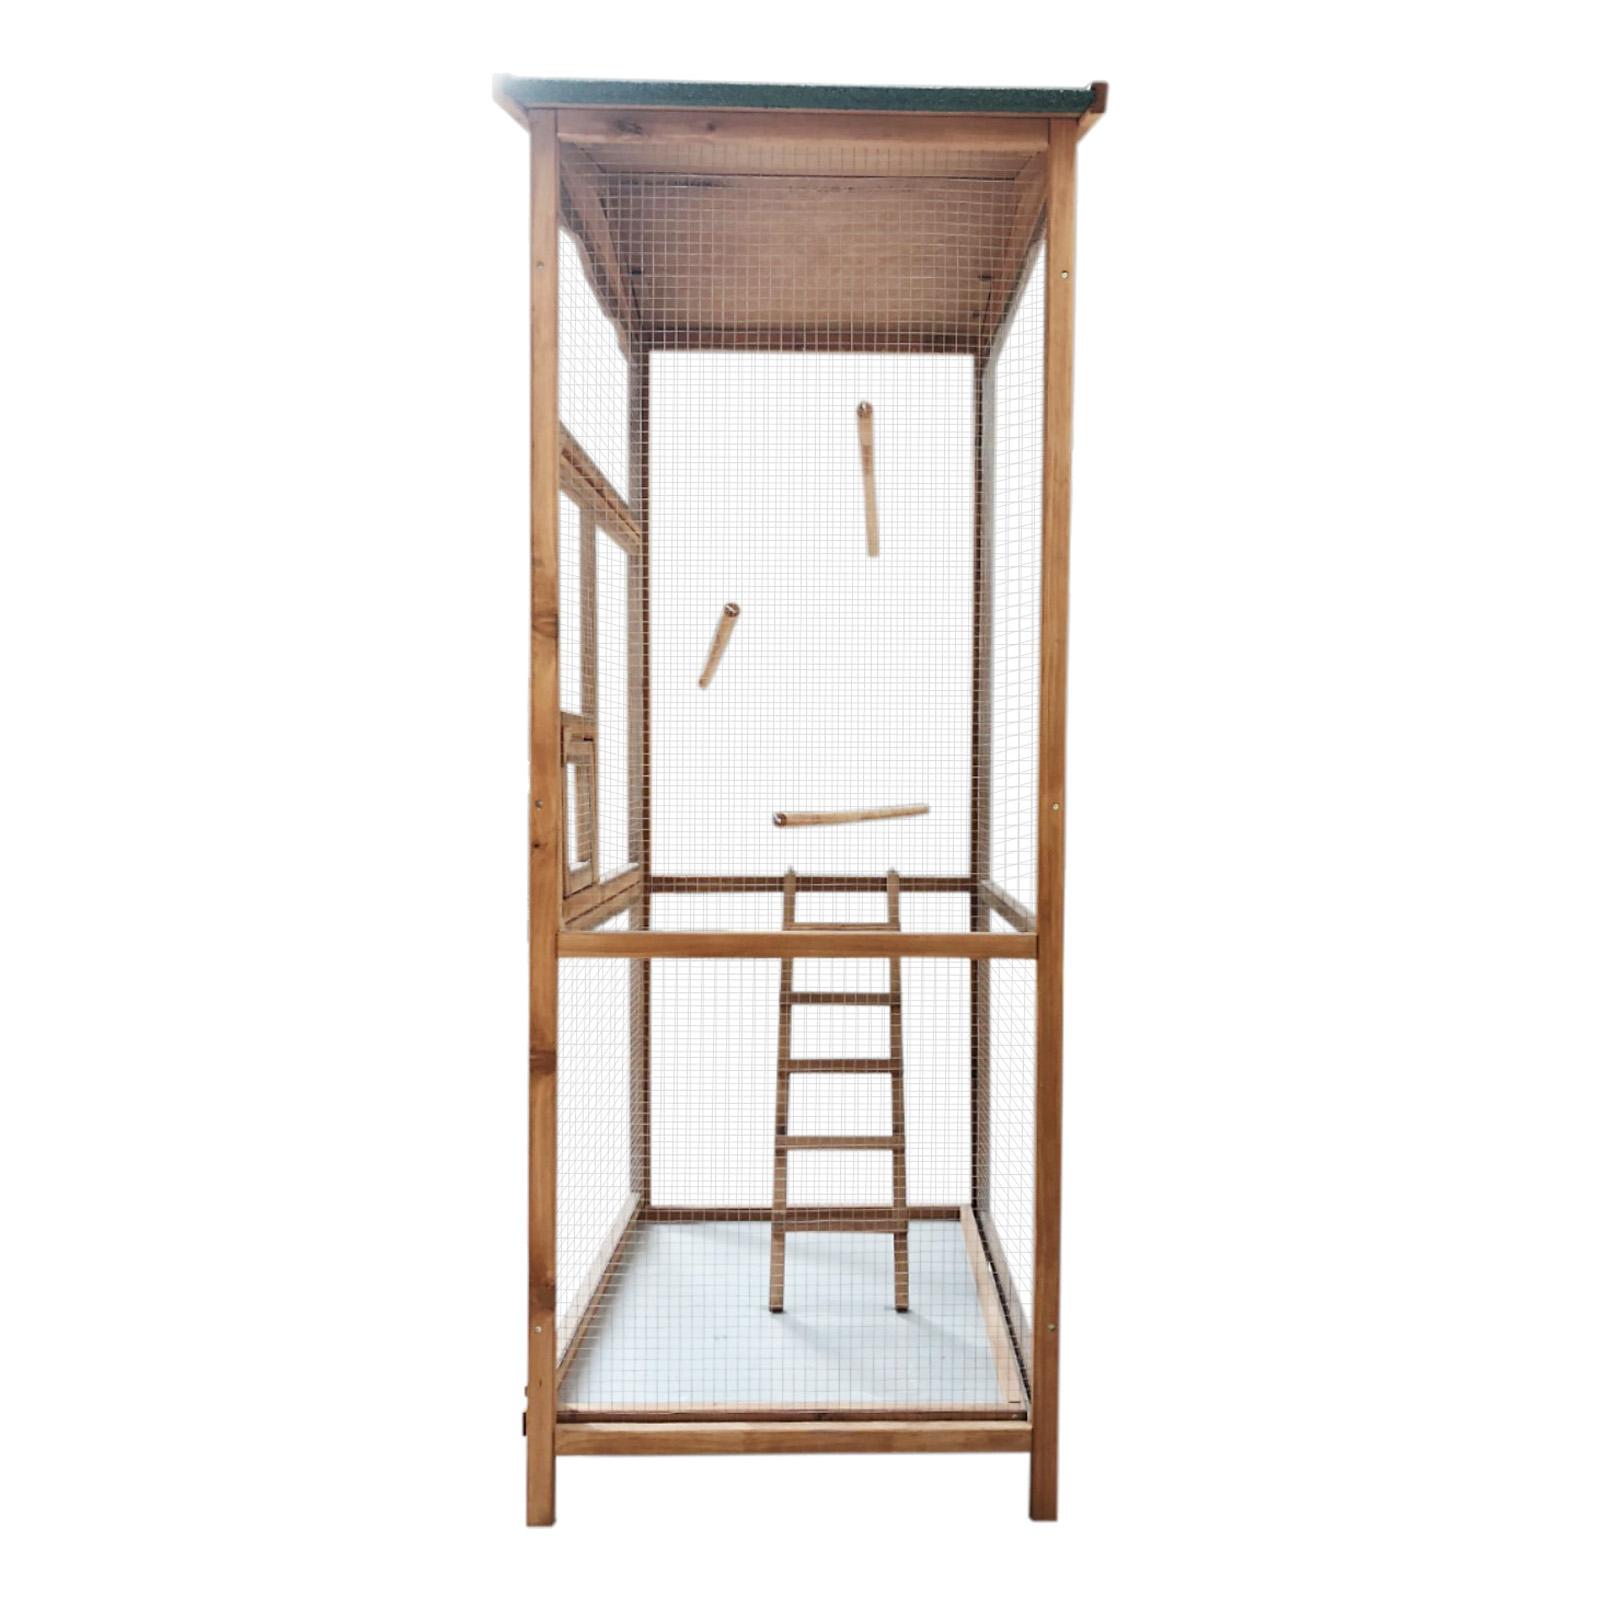 Voli re d oiseaux en bois cage oiseaux cage d animaux for Oiseau de voliere exterieur